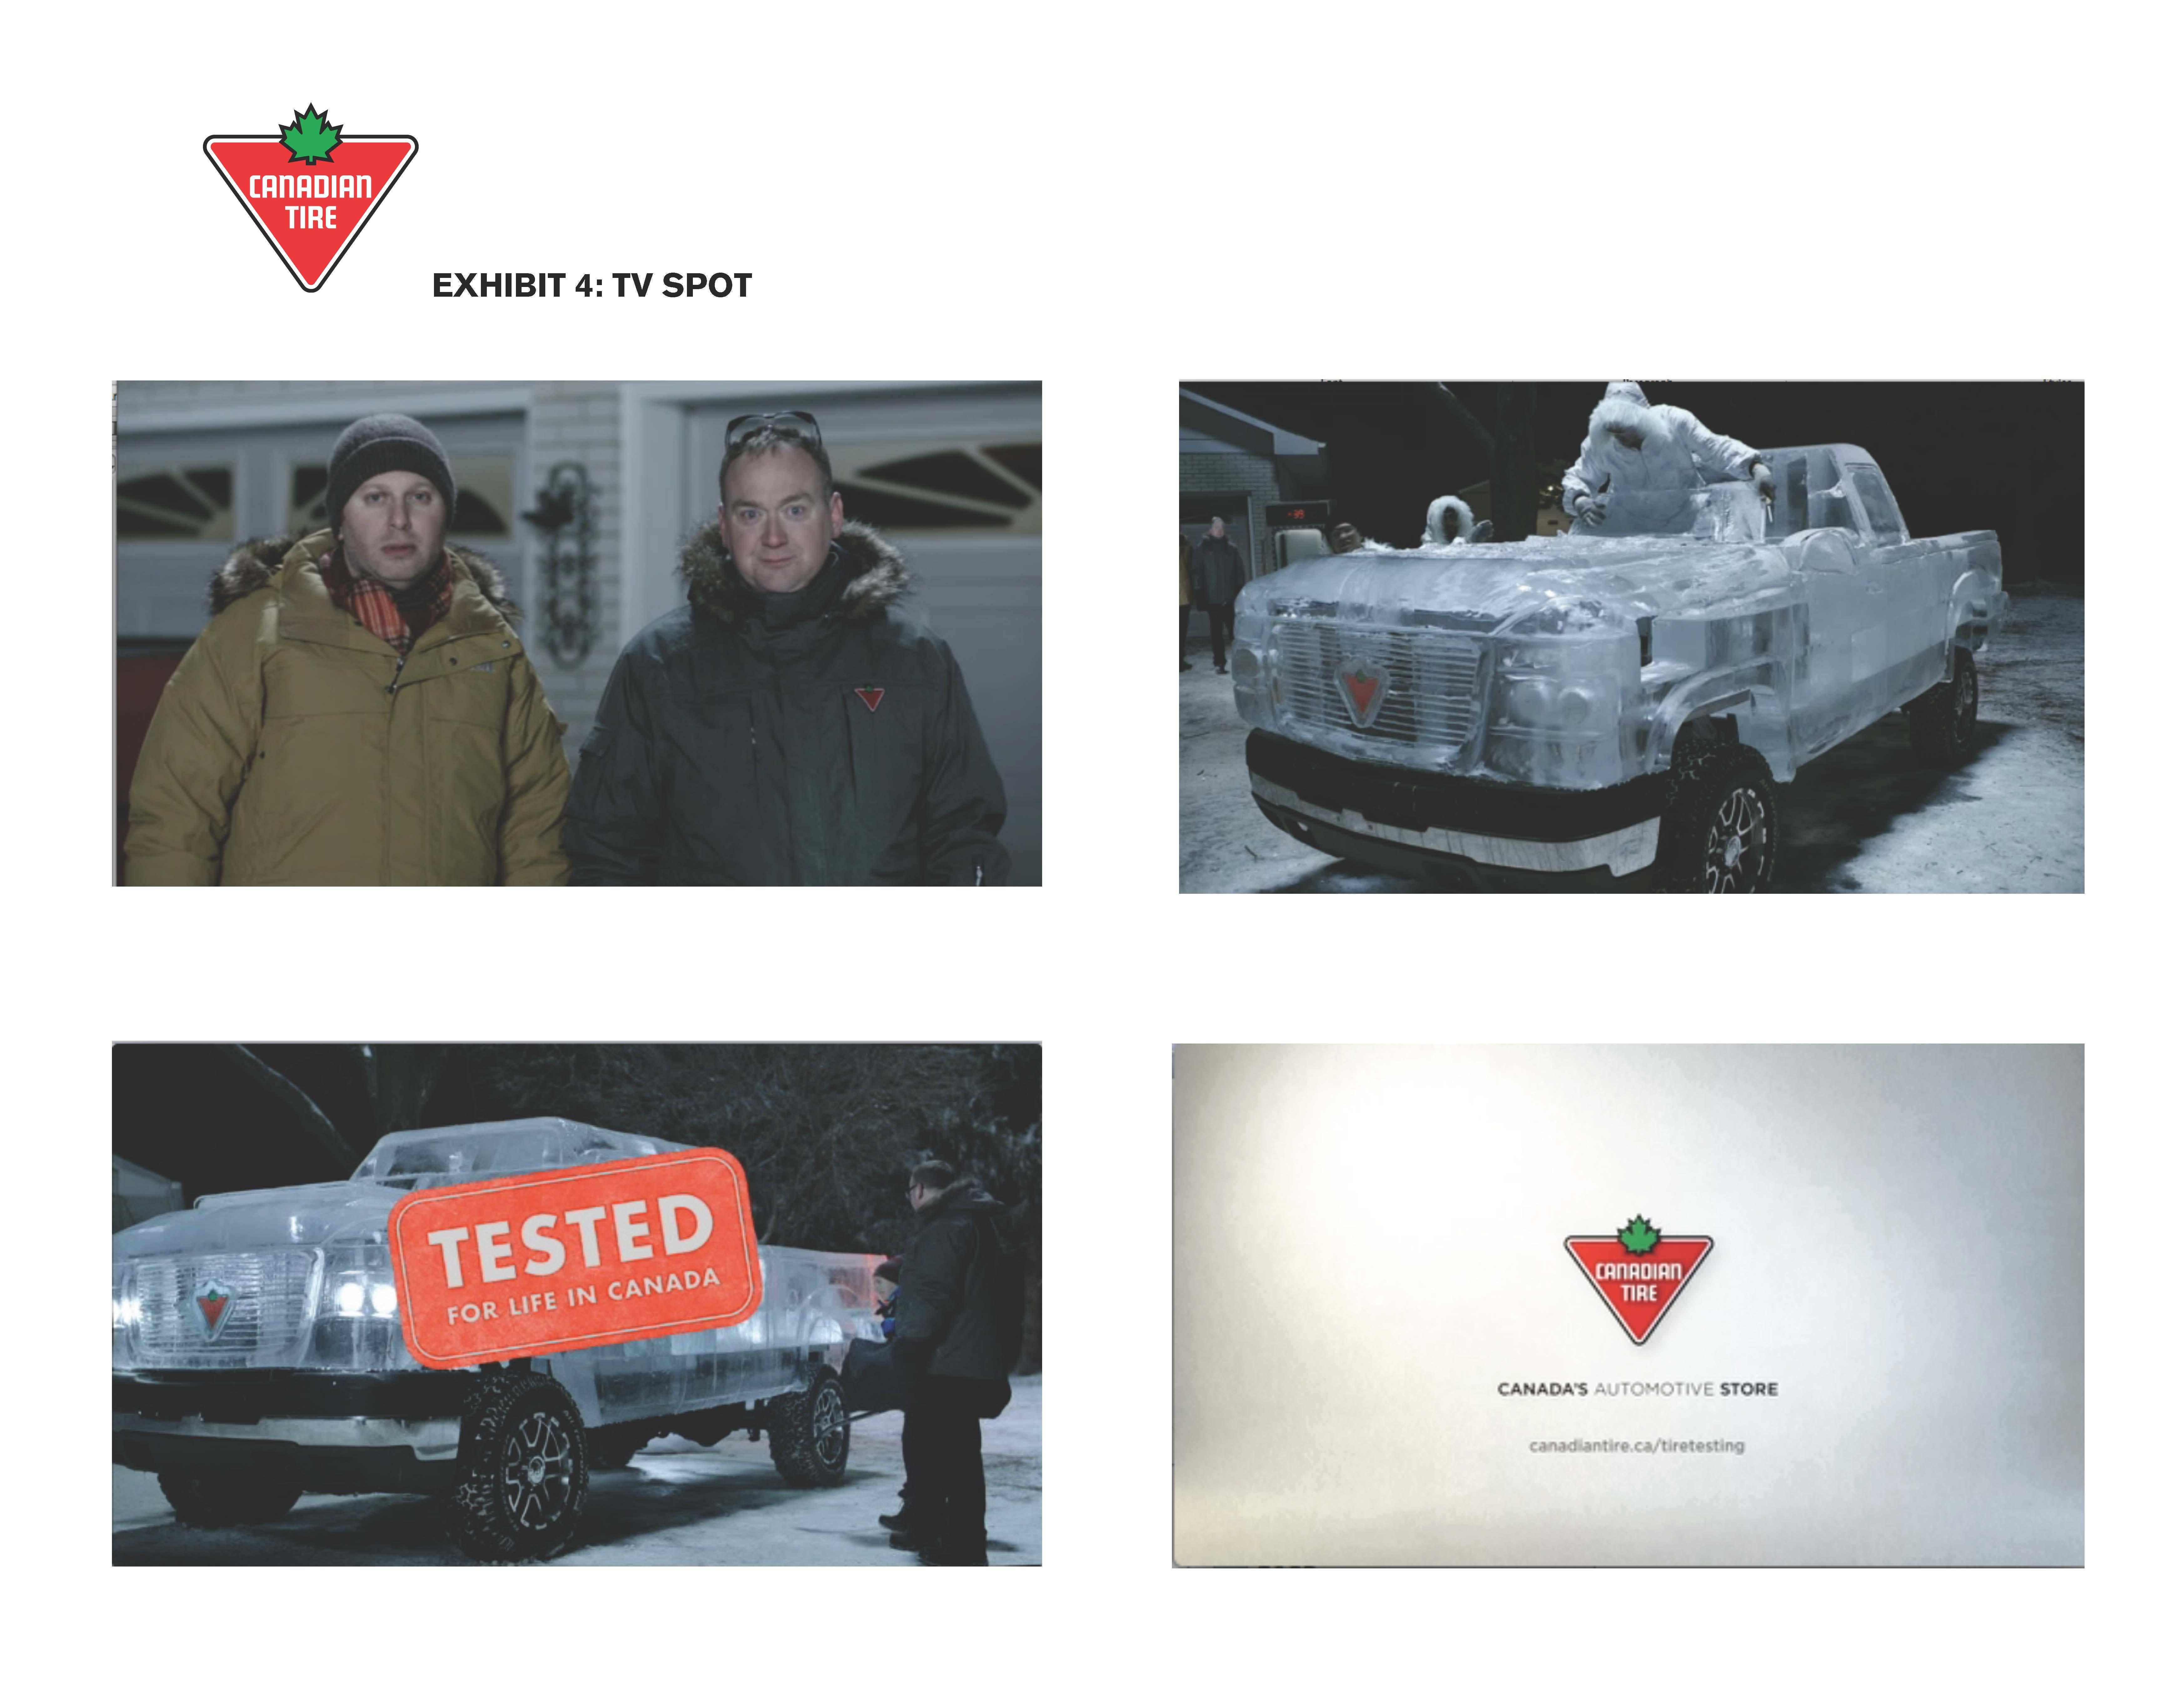 17809_Ice_Truck_Exhibit_4